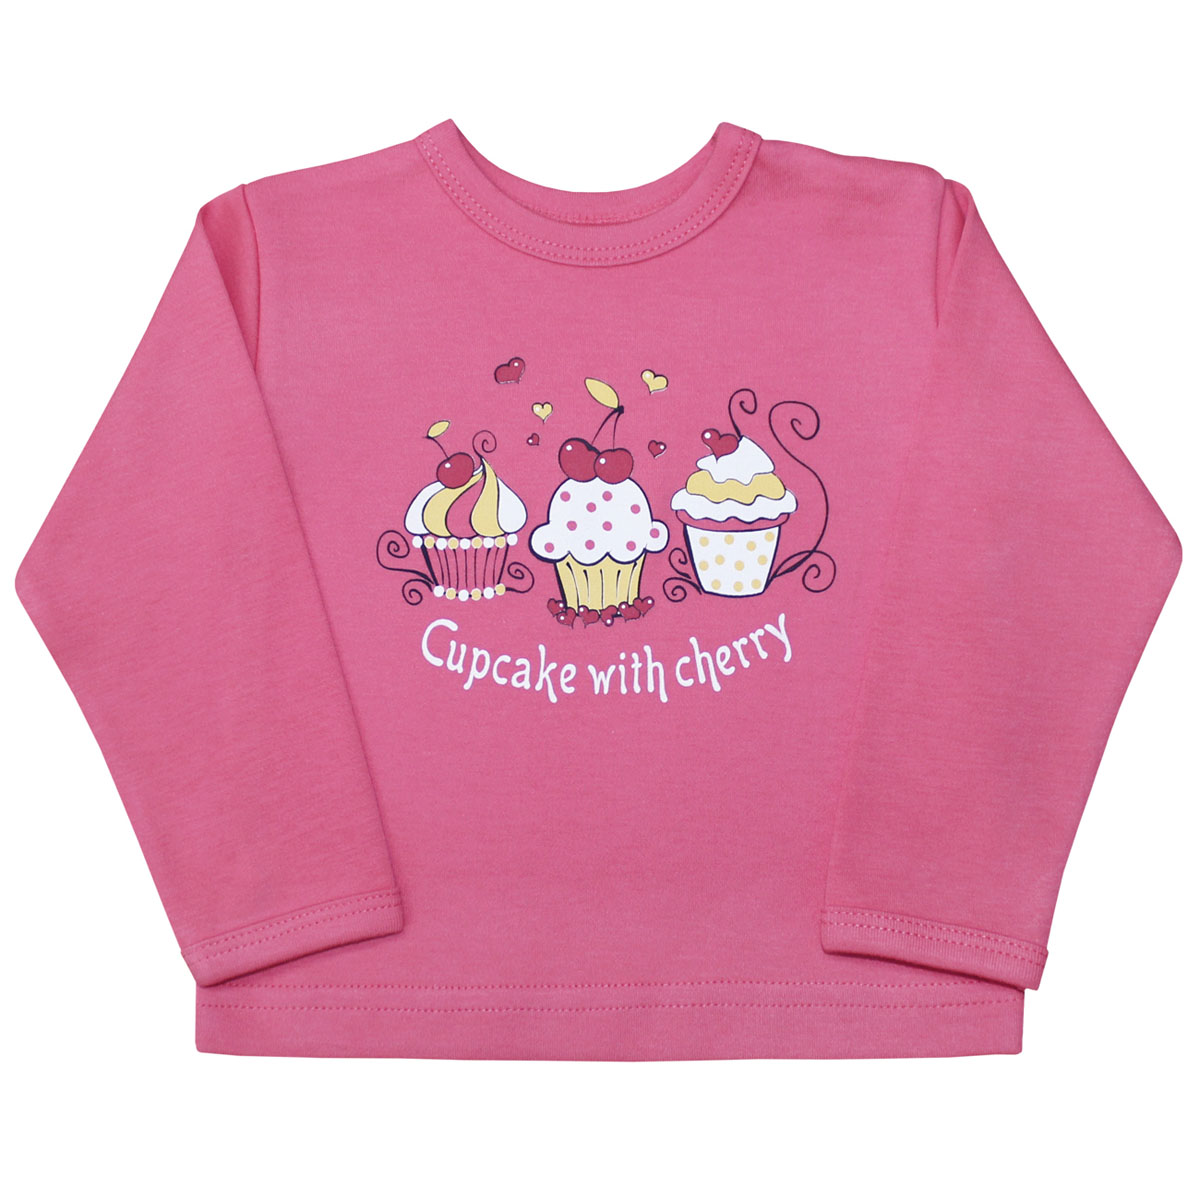 Лонгслив для девочки Веселый малыш Спелая вишня, цвет: розовый. 66322/св-E (1). Размер 8066322Лонгслив для девочки Спелая вишня выполнен из качественного материала. Модель с круглым вырезом горловины и длинными рукавами.